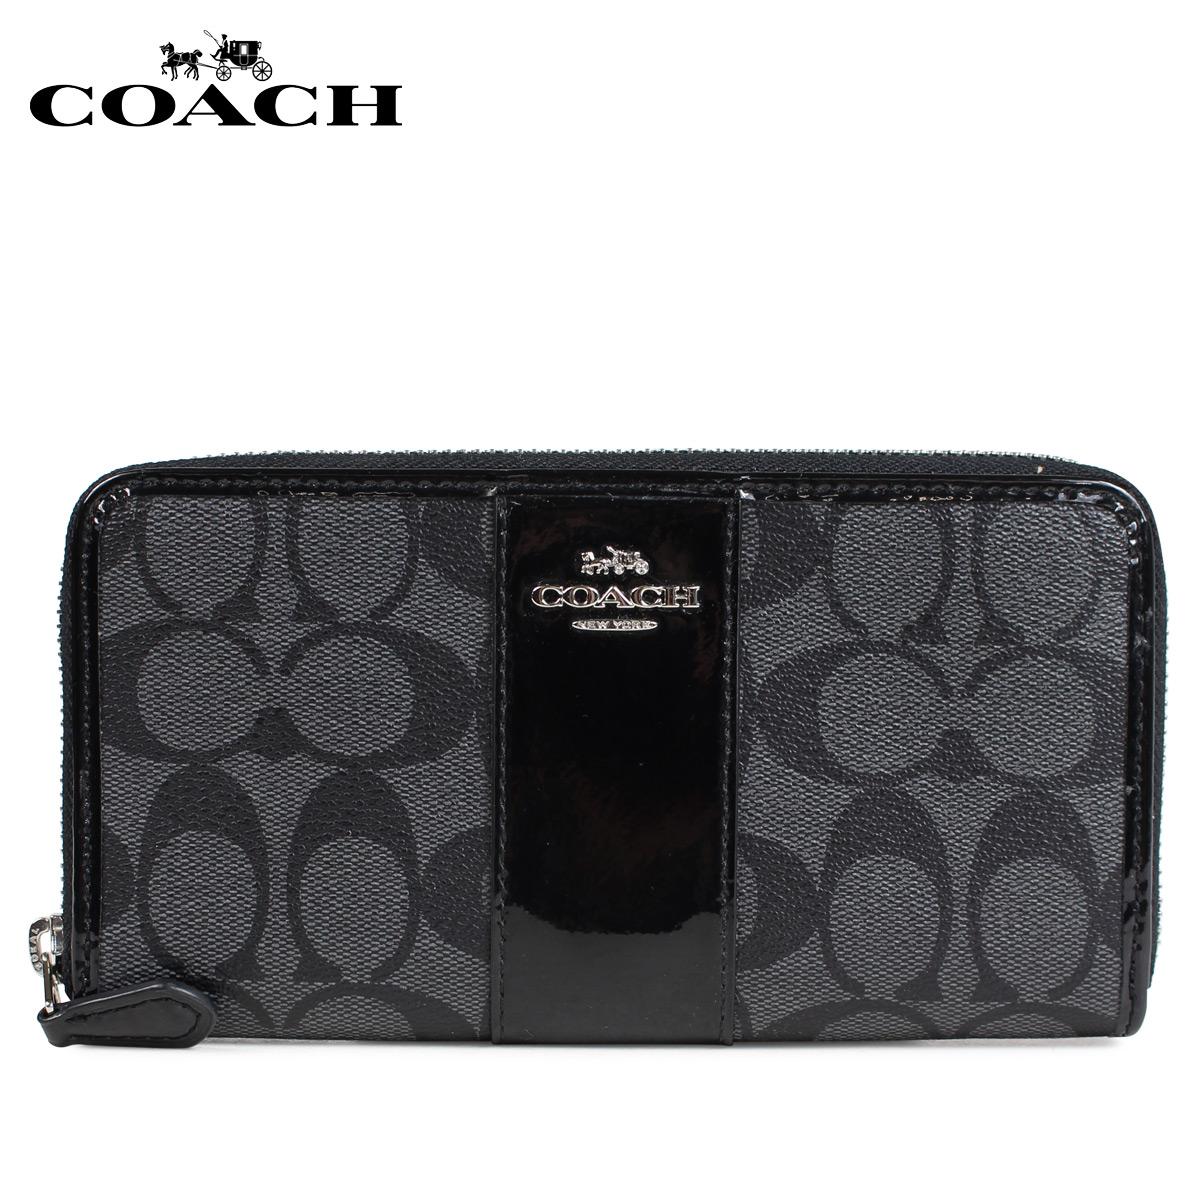 COACH コーチ 財布 長財布 レディース ラウンドファスナー シグネチャー ブラック 黒 F35443